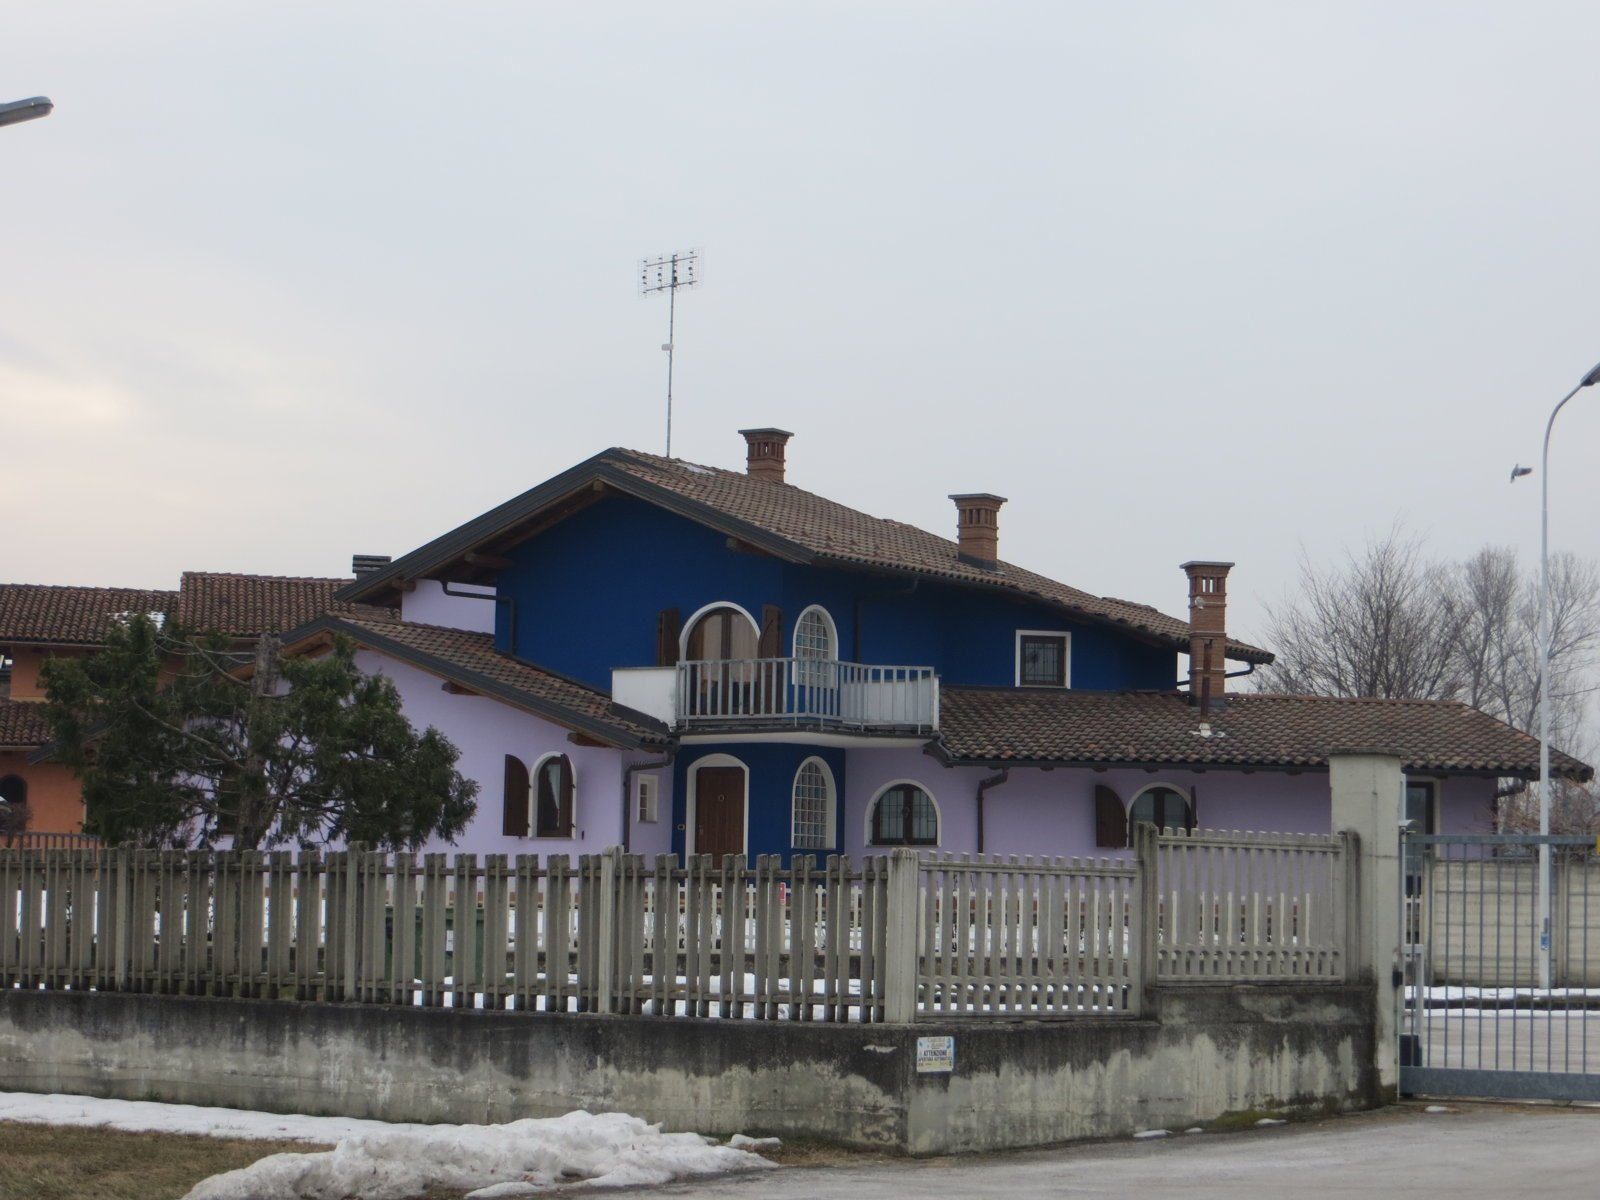 villa con pareti esterne di colore blu e rosa